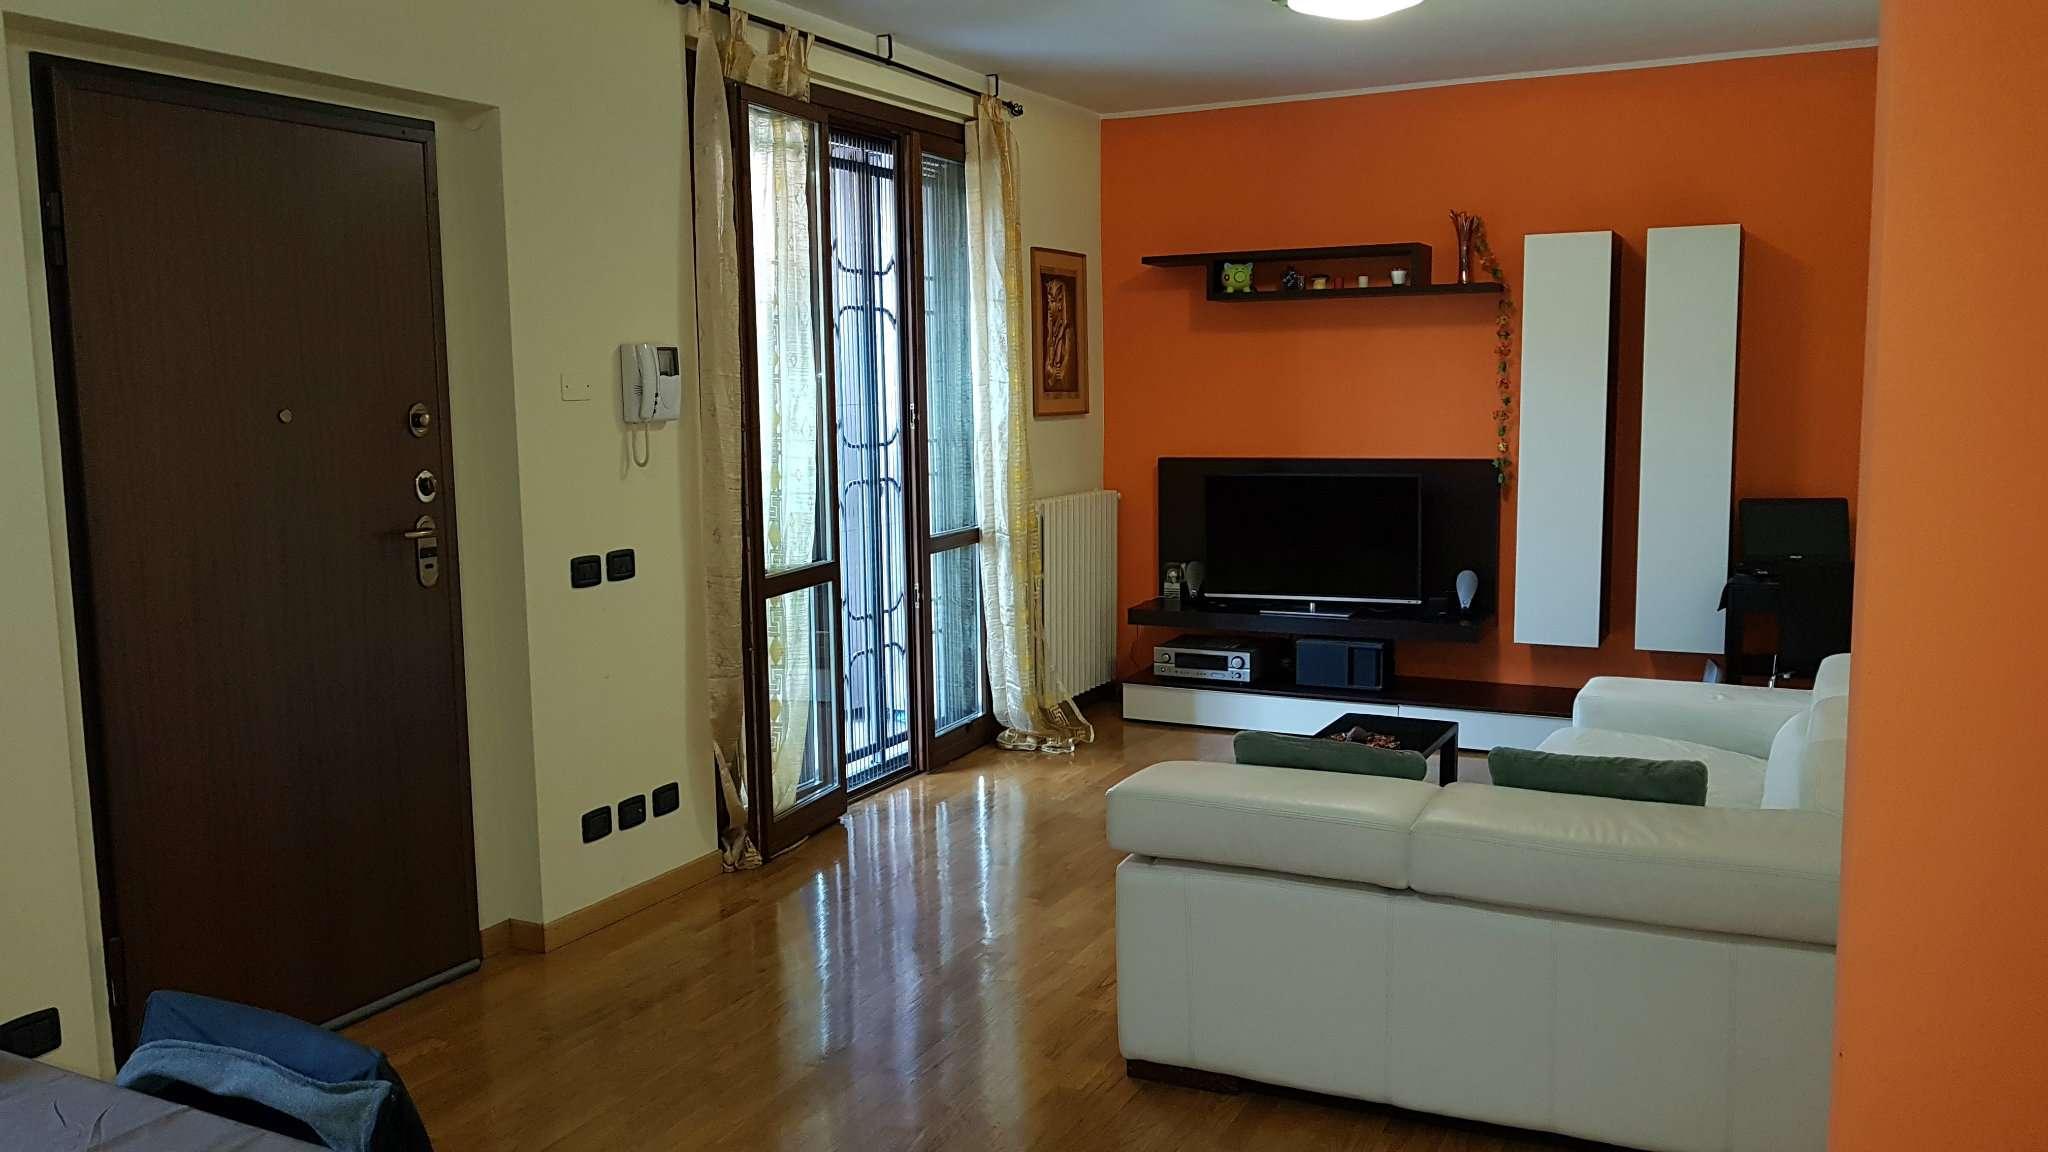 Appartamento in vendita 2 vani 88 mq.  via Caldera 129 Milano